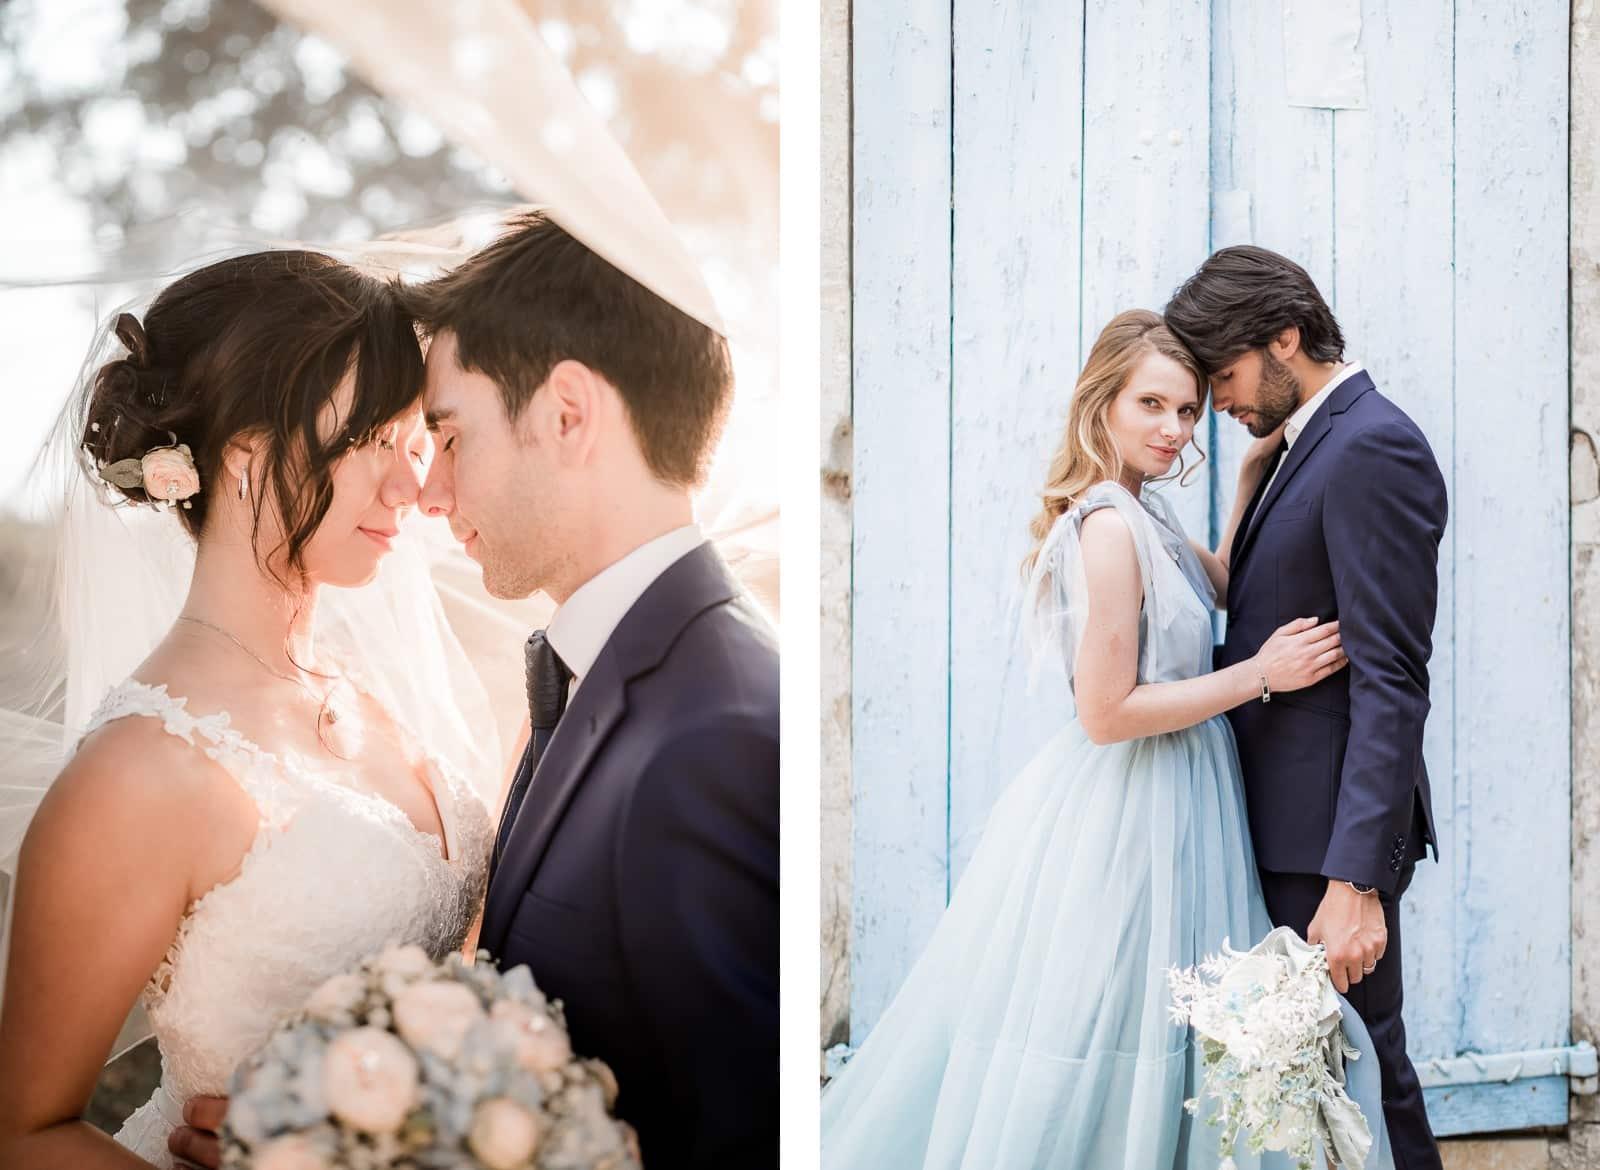 Photographie de Mathieu Dété, photographe de mariage à La Réunion, présentant les meilleures poses pour des shooting de couple, front contre front